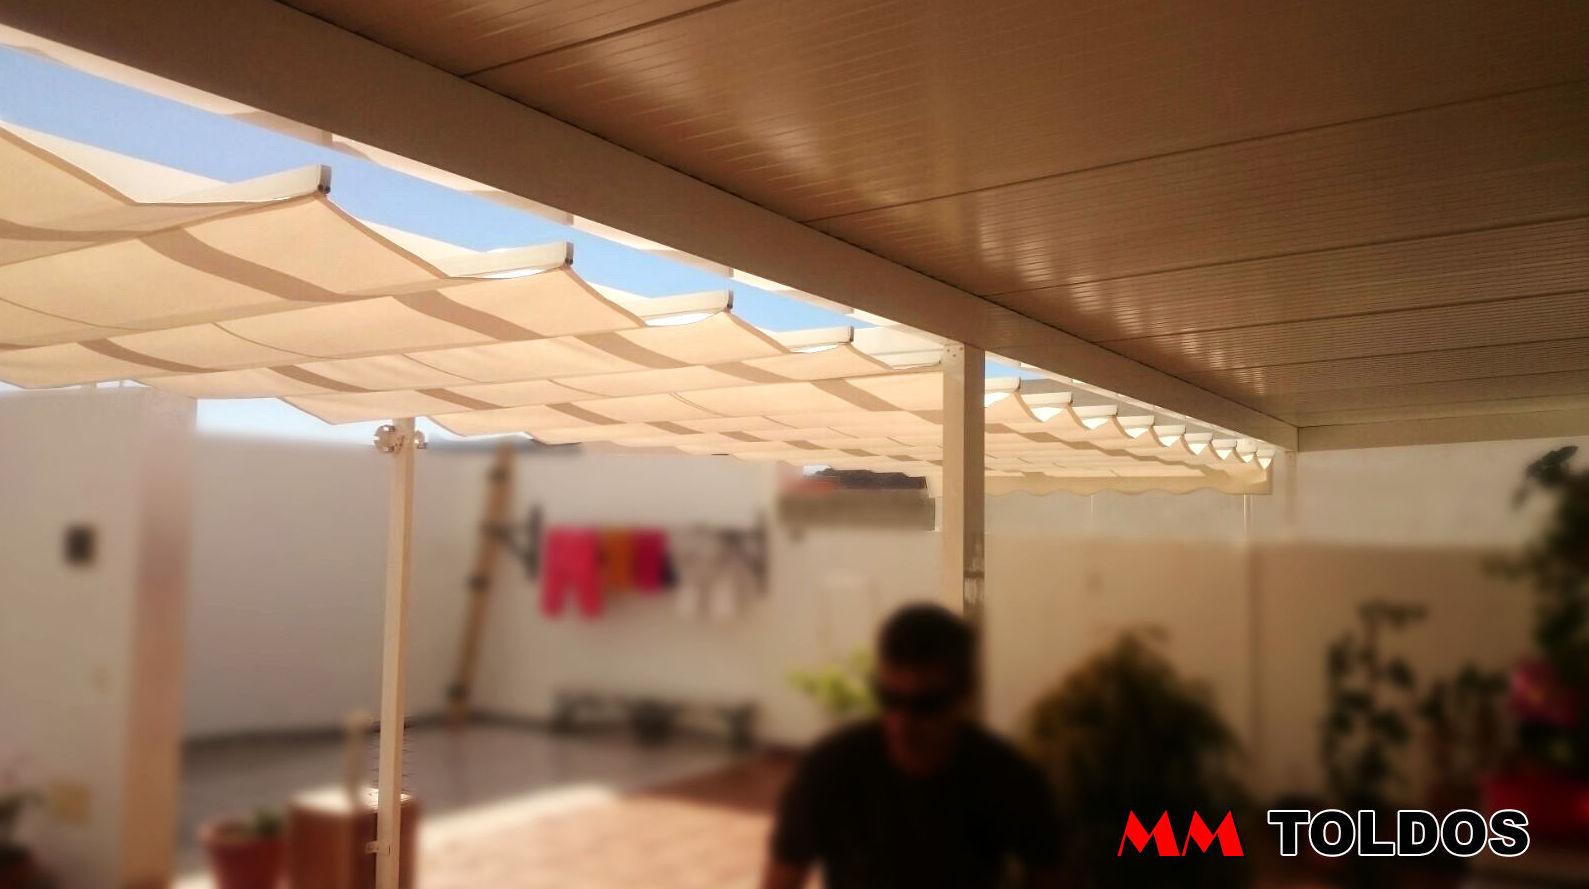 Foto 8 de Toldos y pérgolas en Arona | MM Toldos